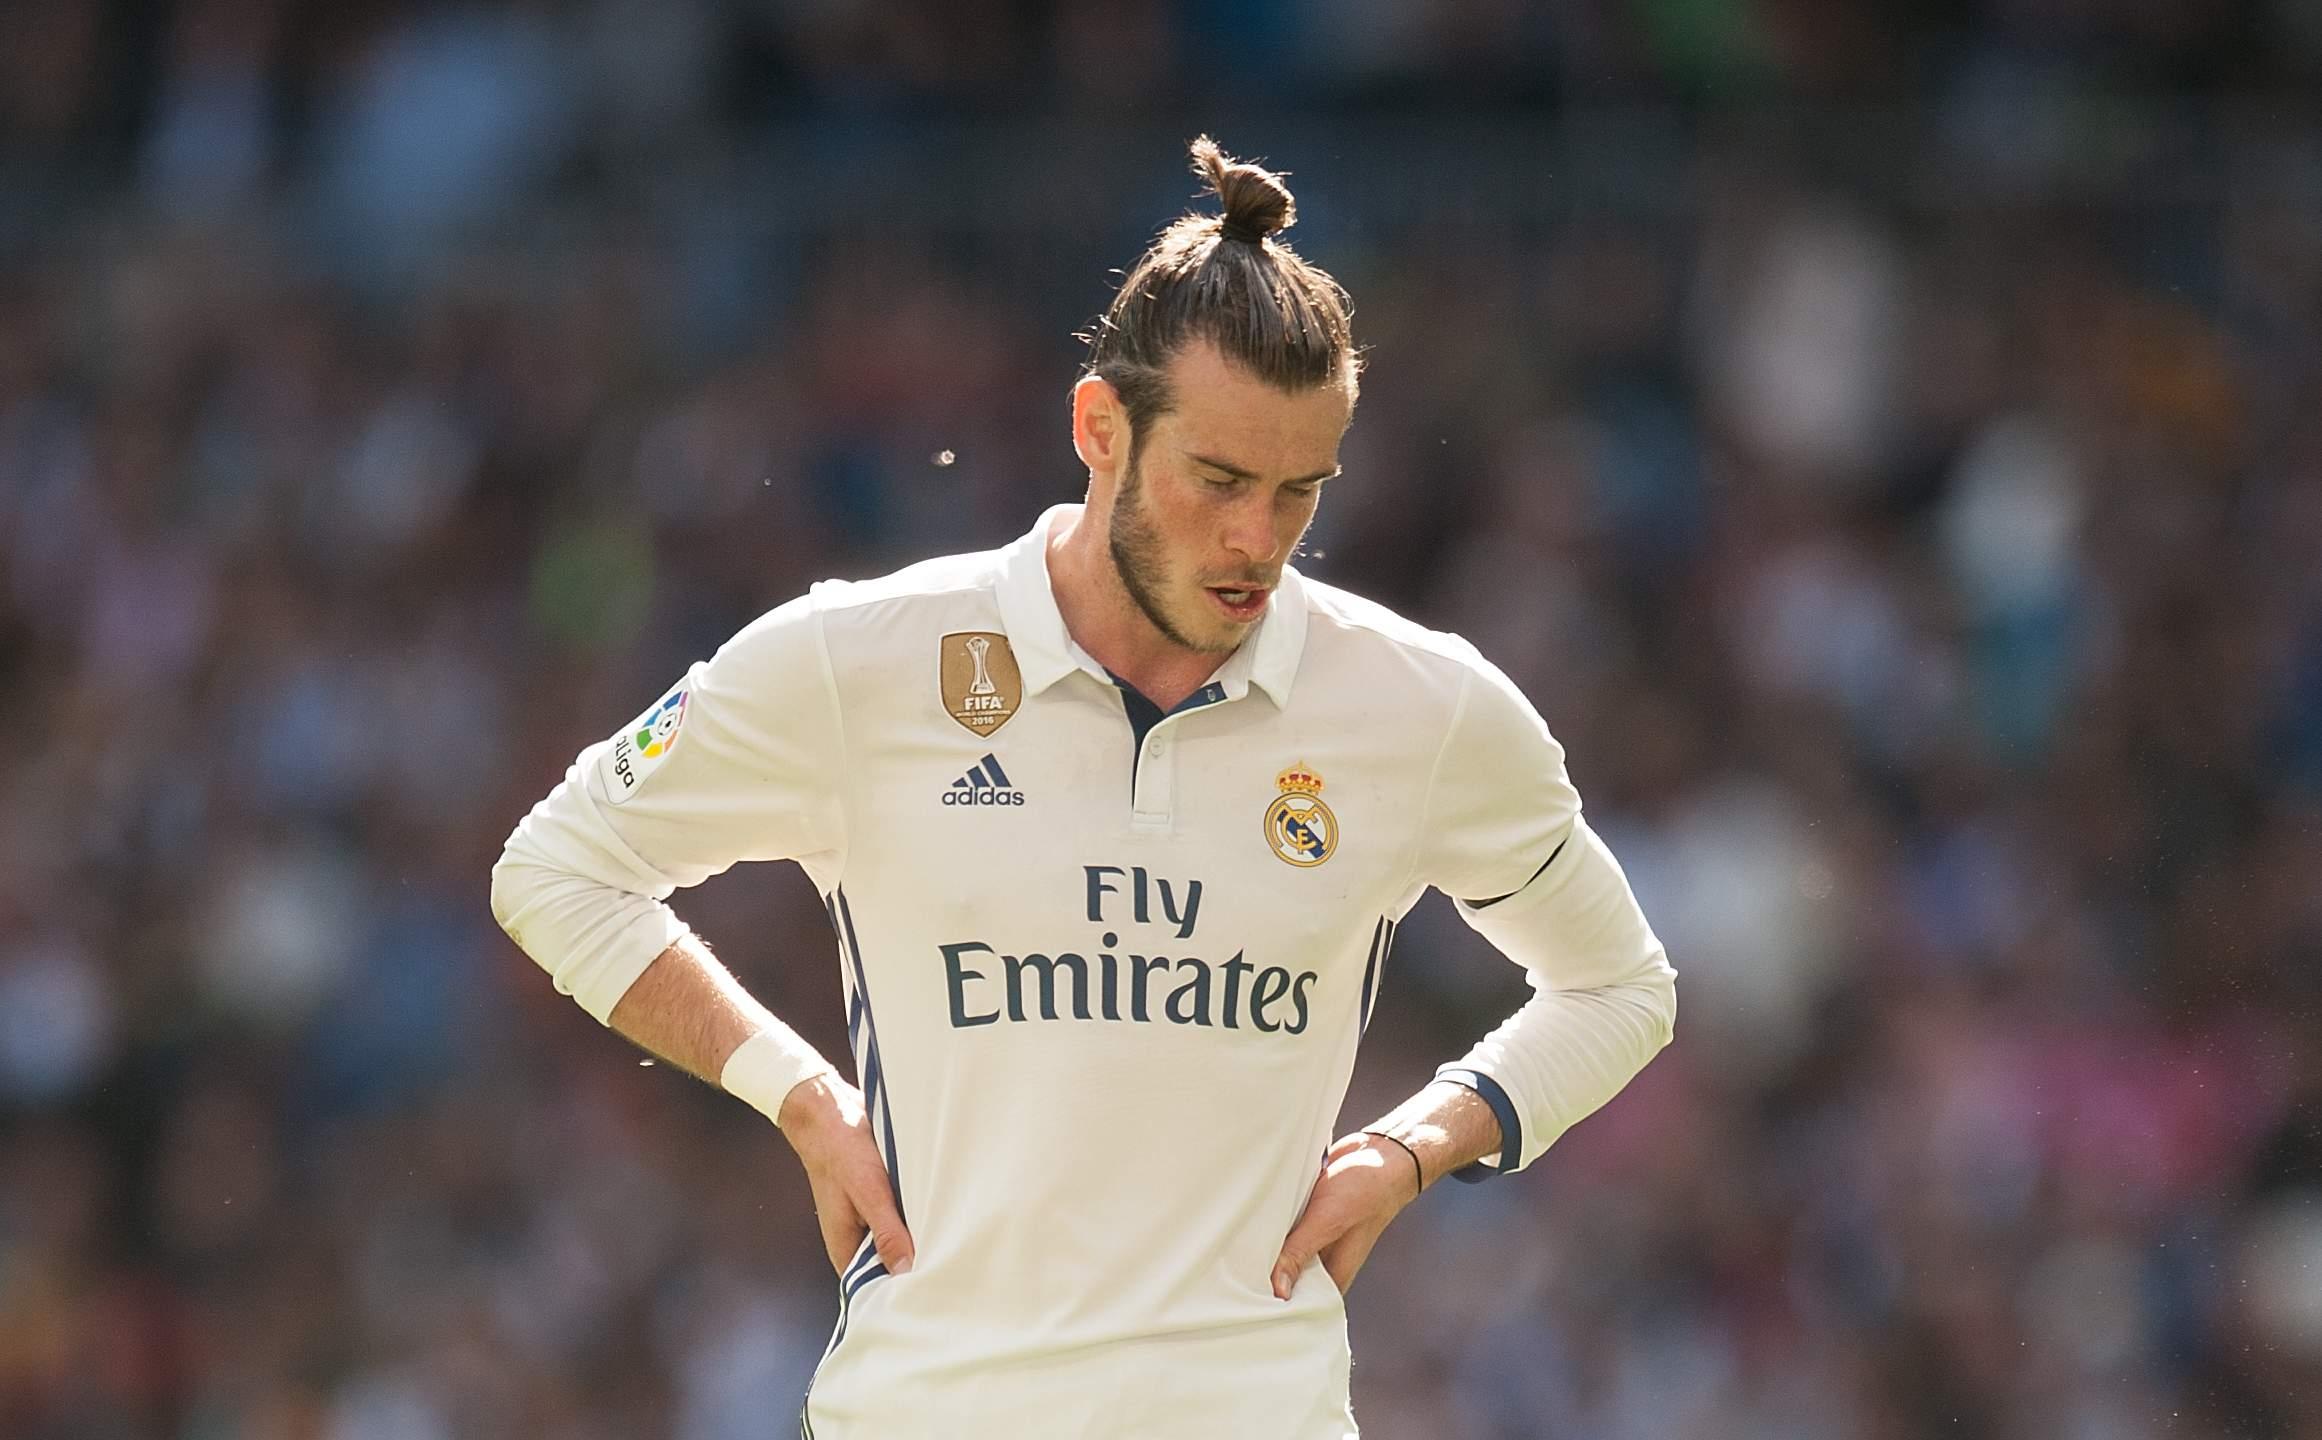 NÓNG: Real Madrid thanh lý Gareth Bale - Bóng Đá